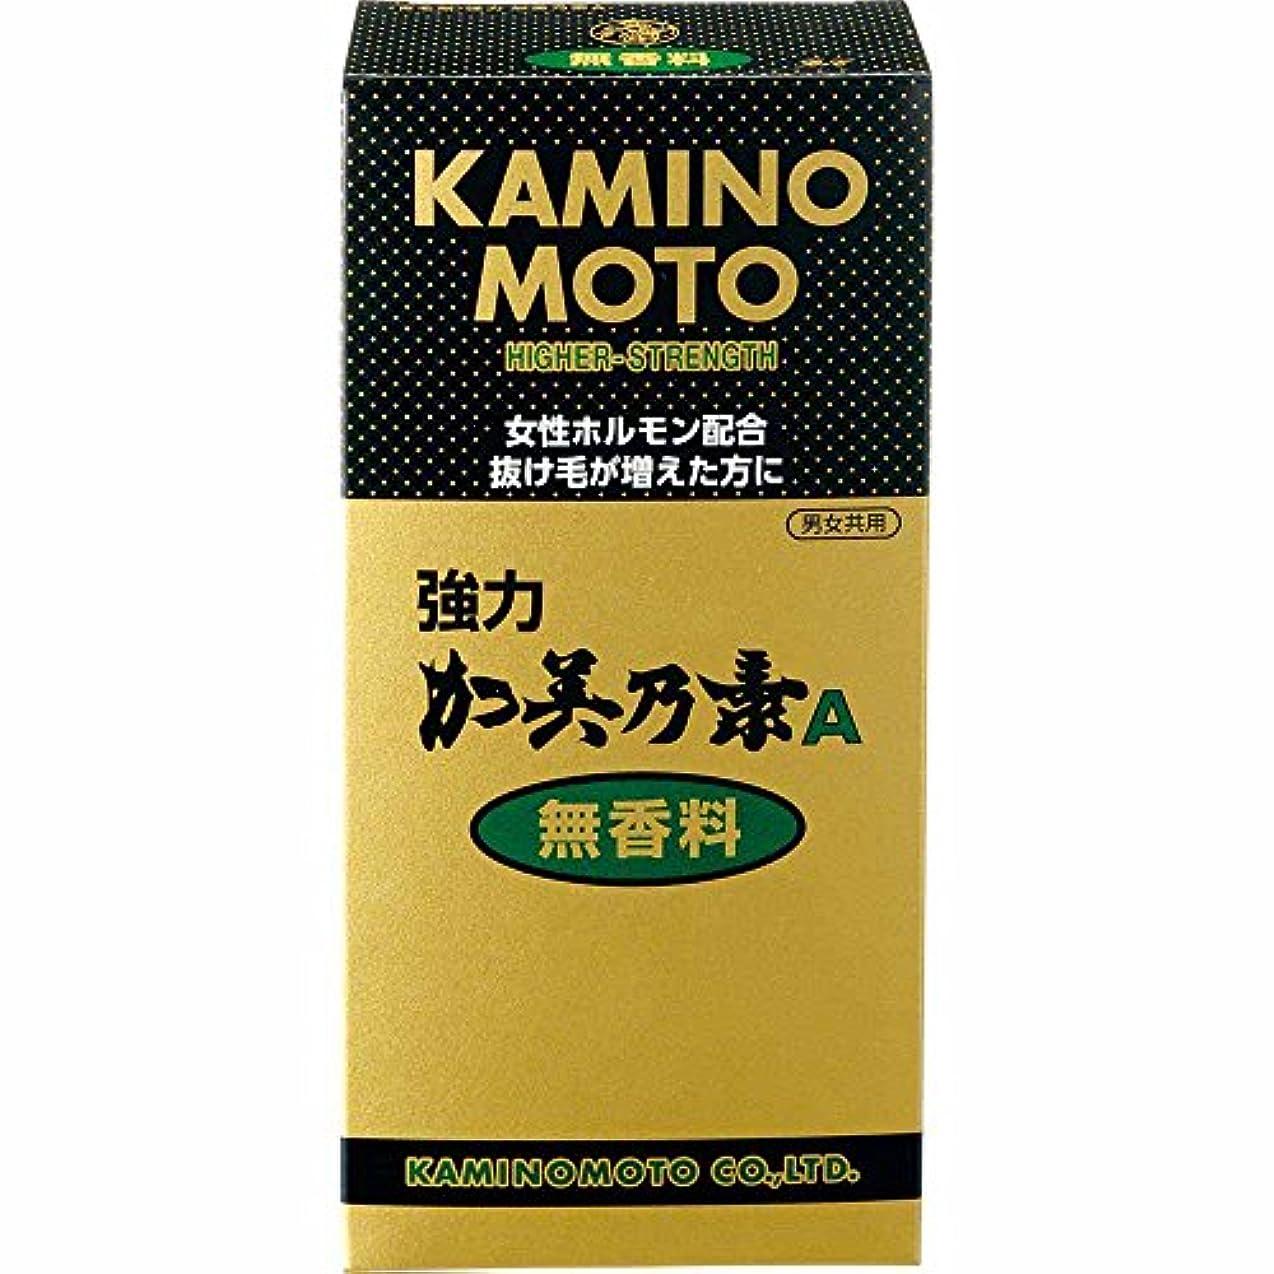 シャワー池ナインへ強力加美乃素A 無香料 200mL 【医薬部外品】